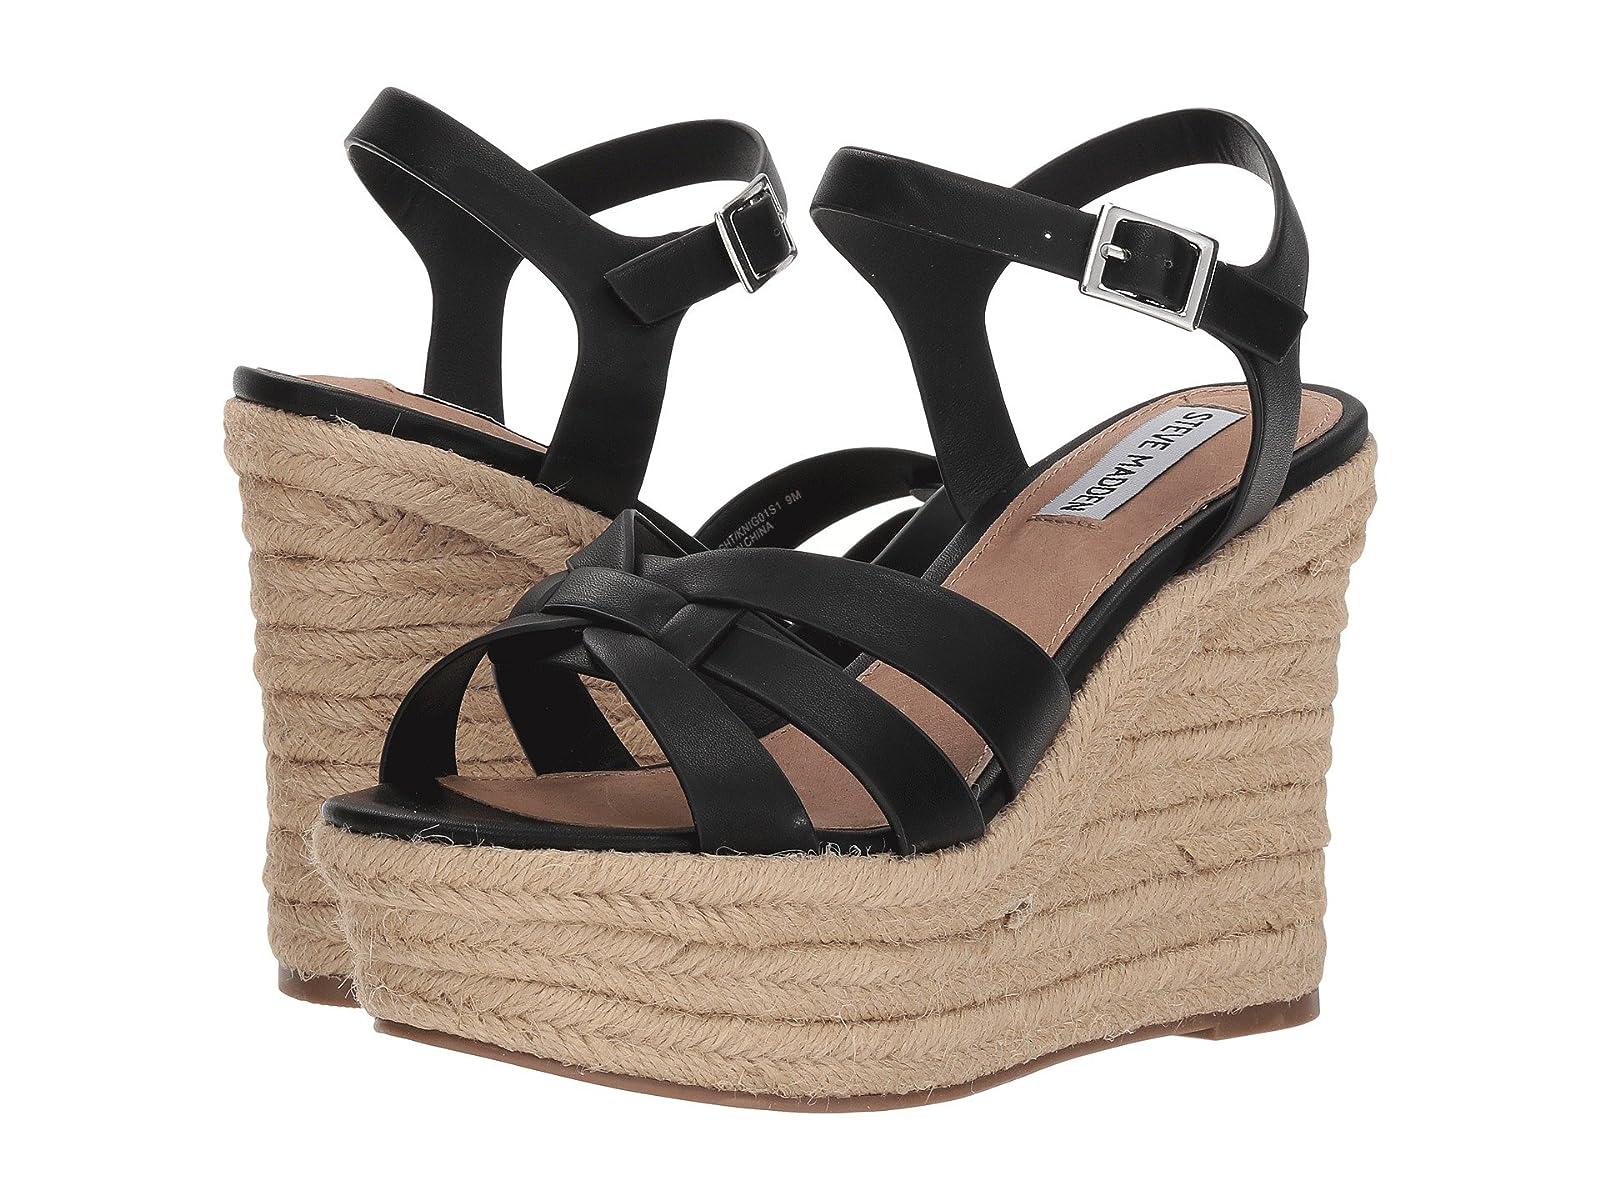 Steve Madden Knight Espadrille Wedge SandalAtmospheric grades have affordable shoes